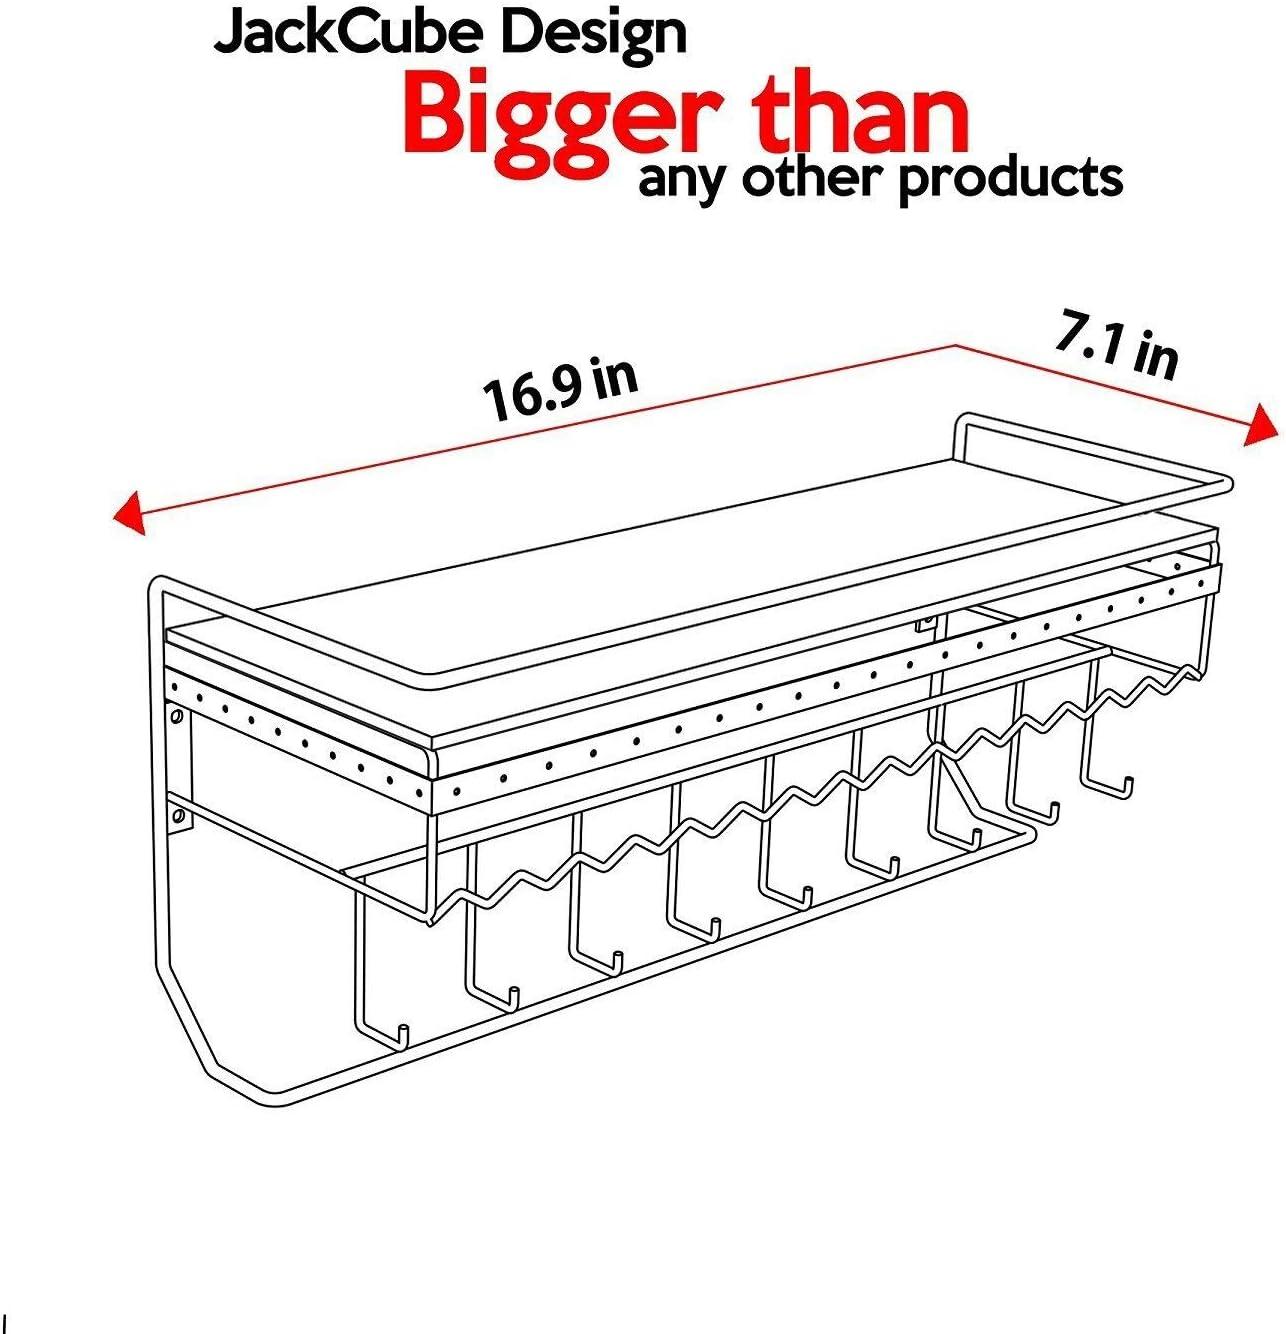 collar organizador de joyer/ía estante pendientes titular JackCubeDesign montado en la pared cl/ásico de hierro negro dise/ñador hecho estante de almacenamiento de cosm/éticos w MK238A